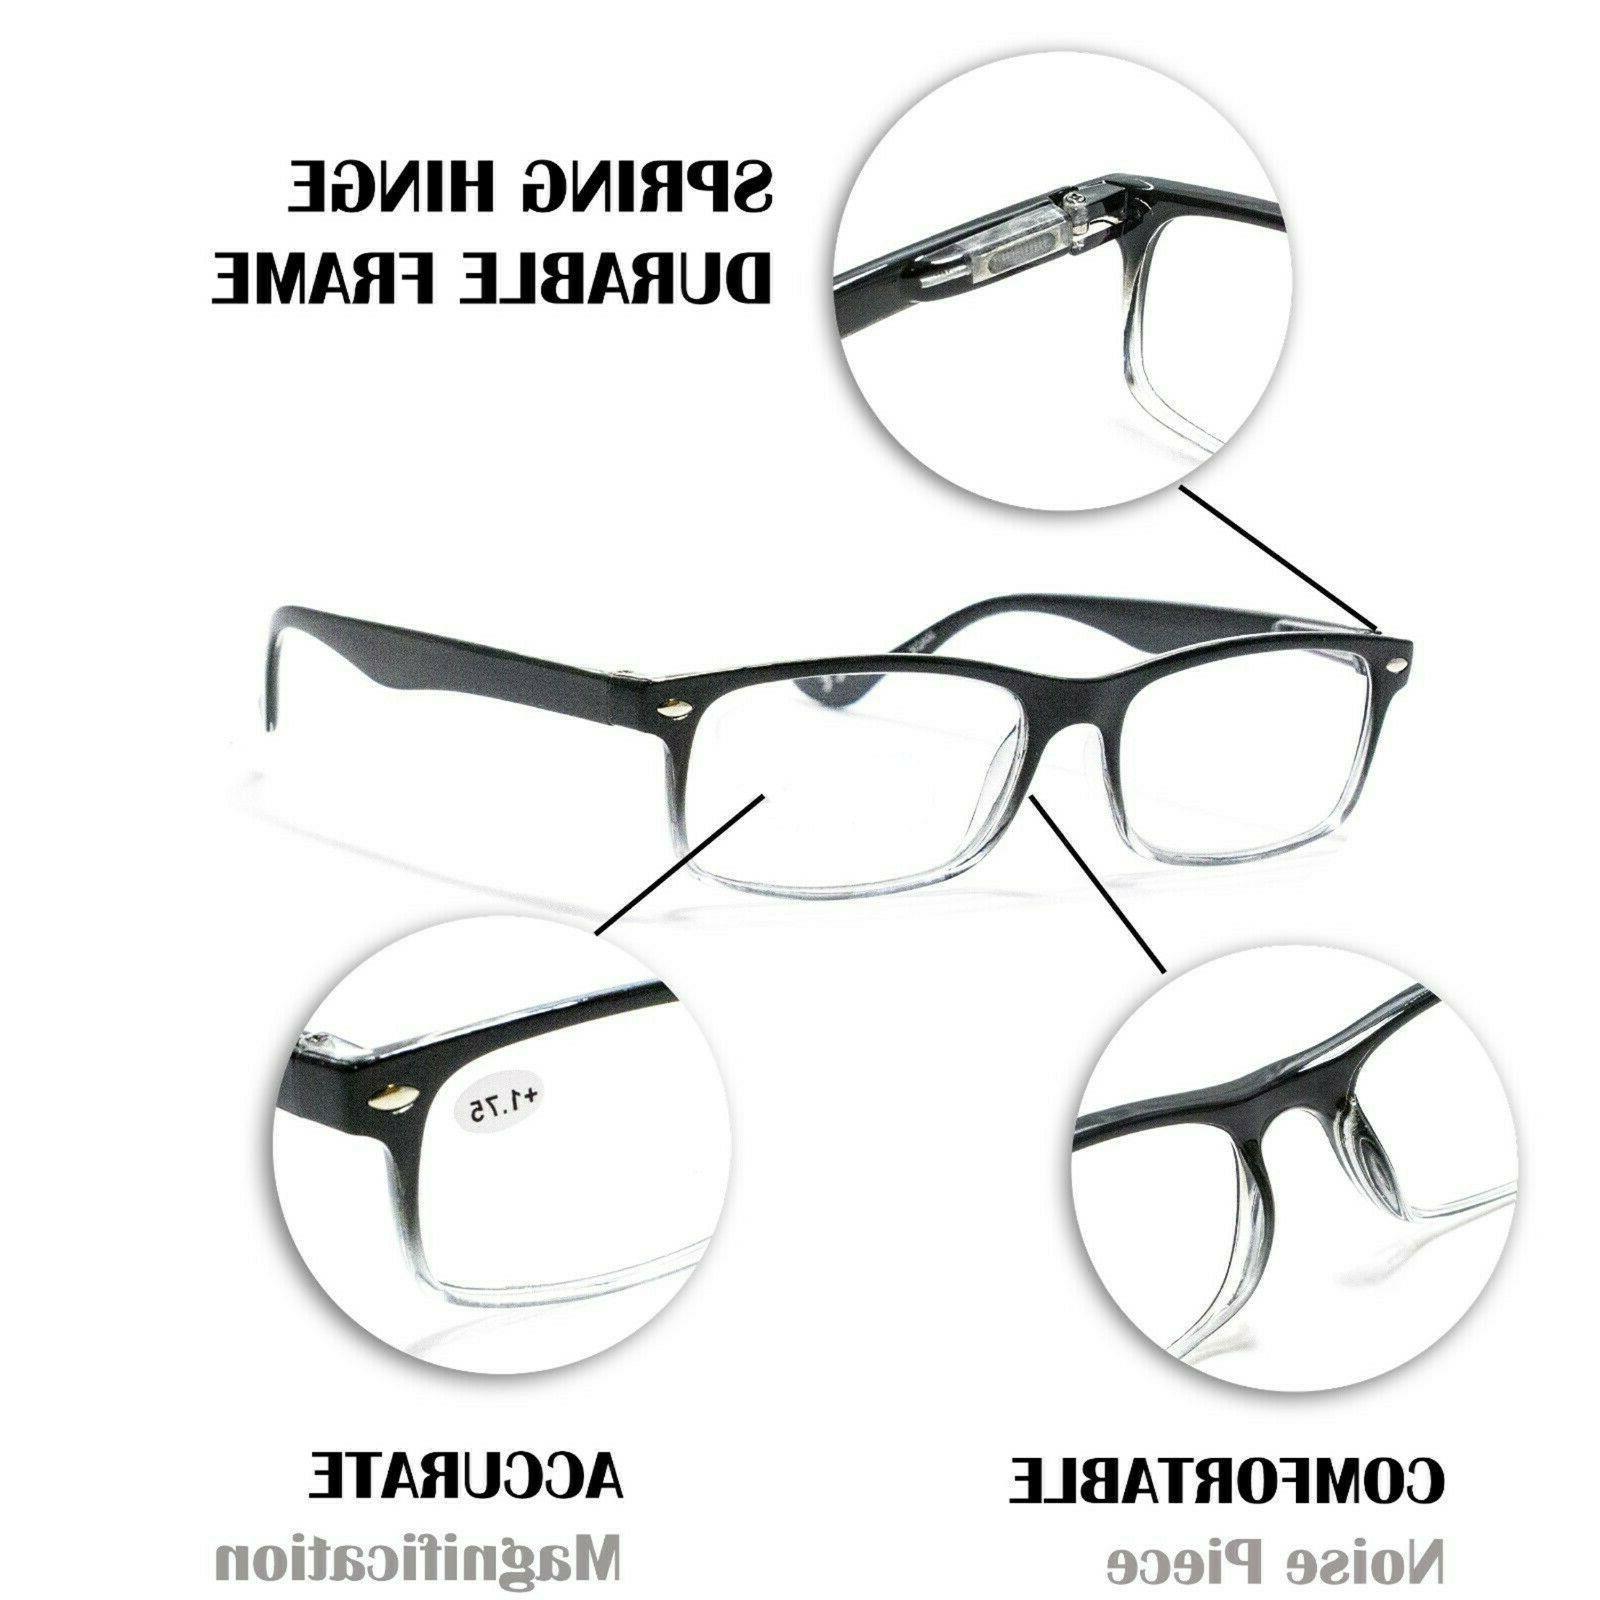 4 Rectangular Spring Hinge Power Reading Reader Glasses For 1-3